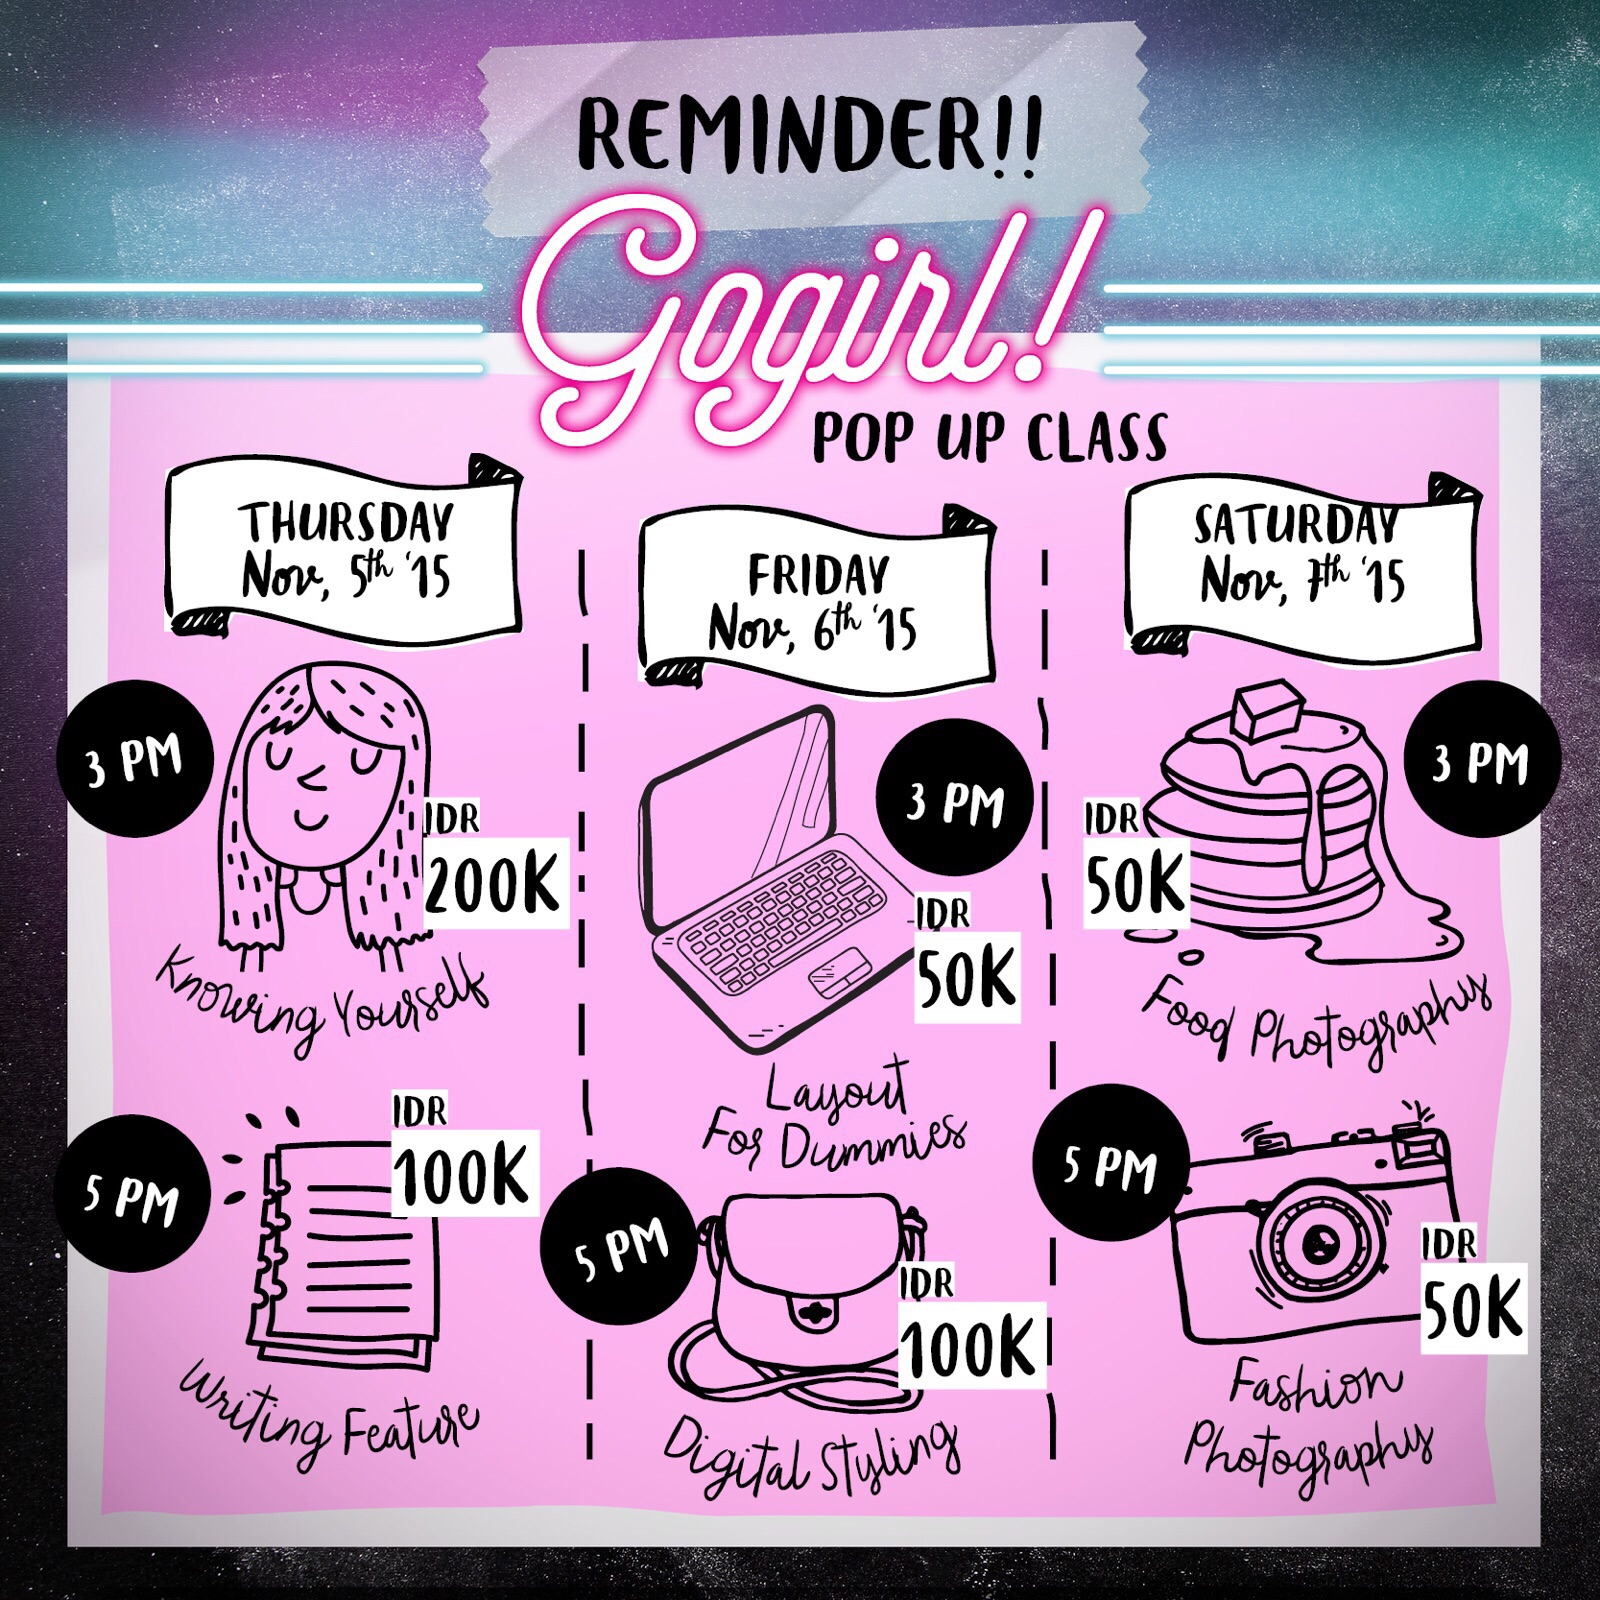 reminder gogirl